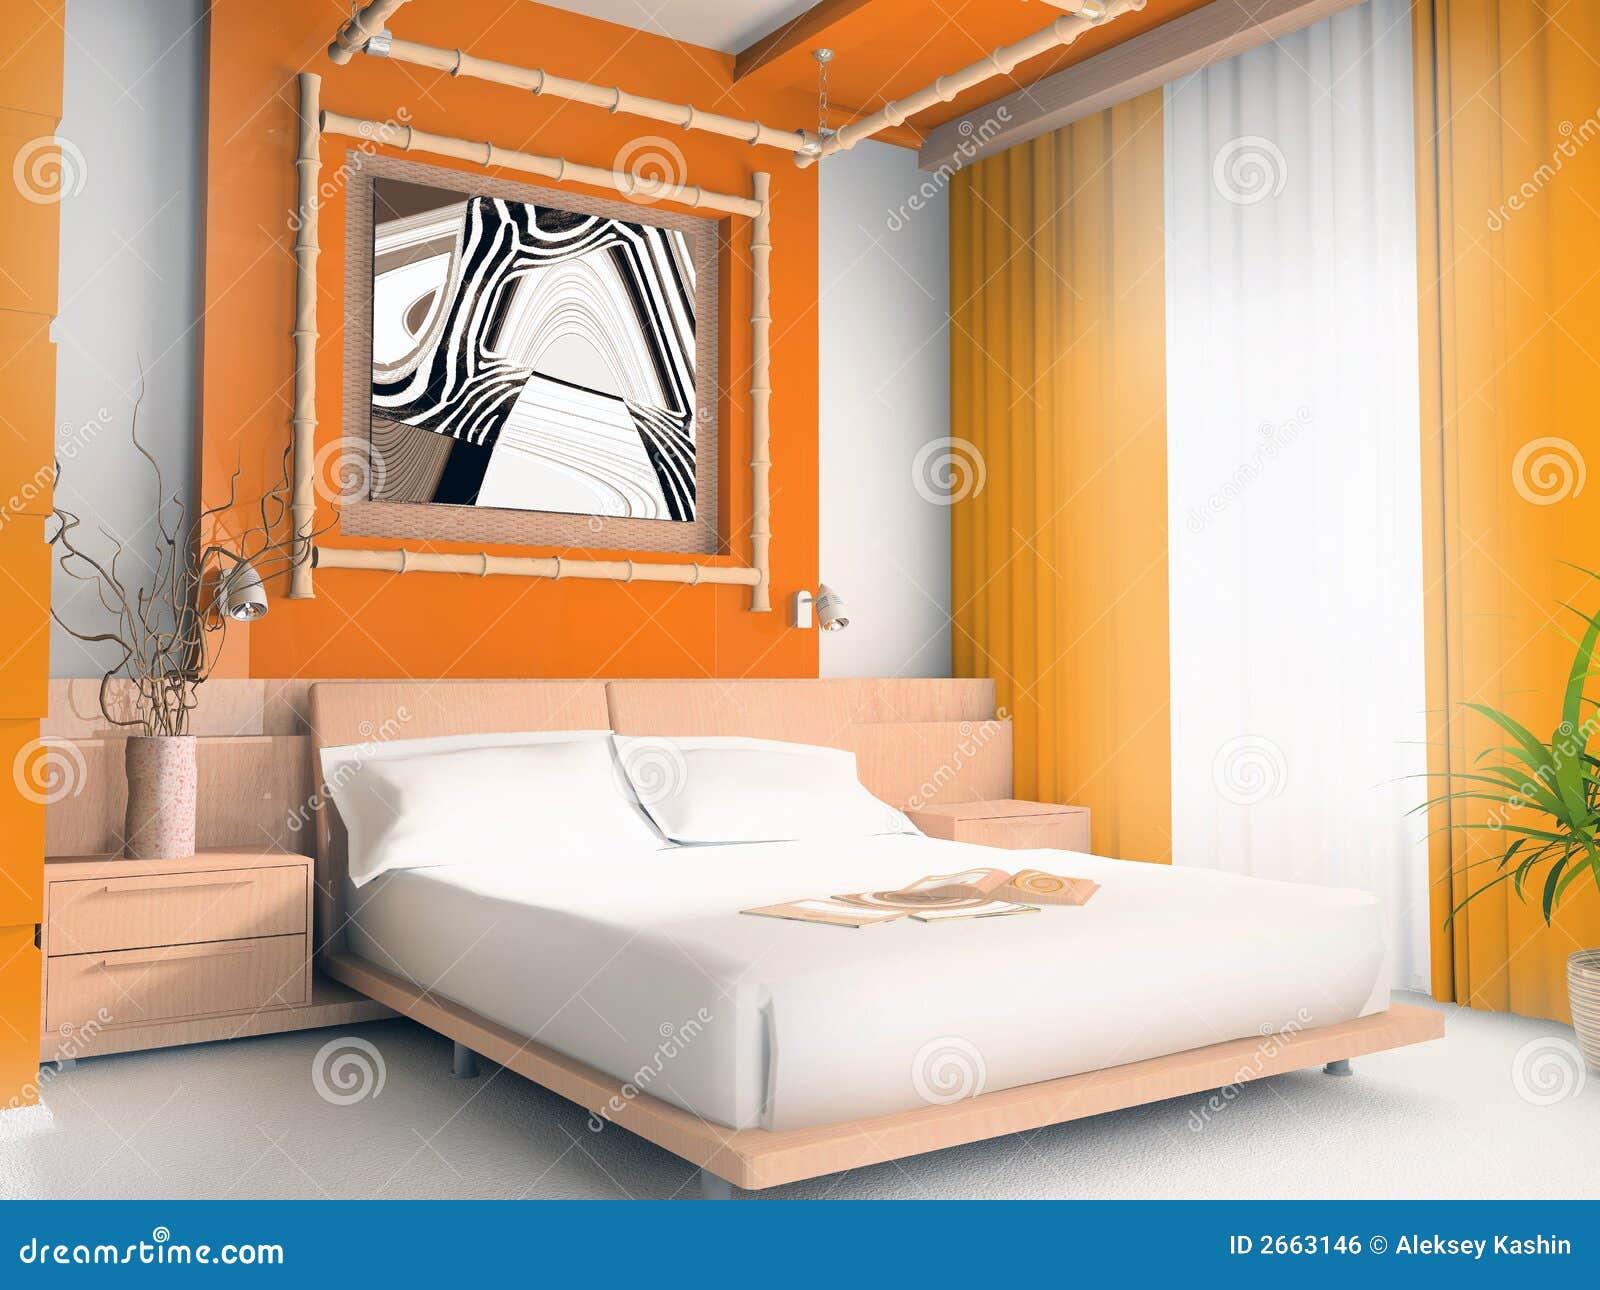 orange schlafzimmer lizenzfreies stockbild - bild: 2663146, Schlafzimmer entwurf